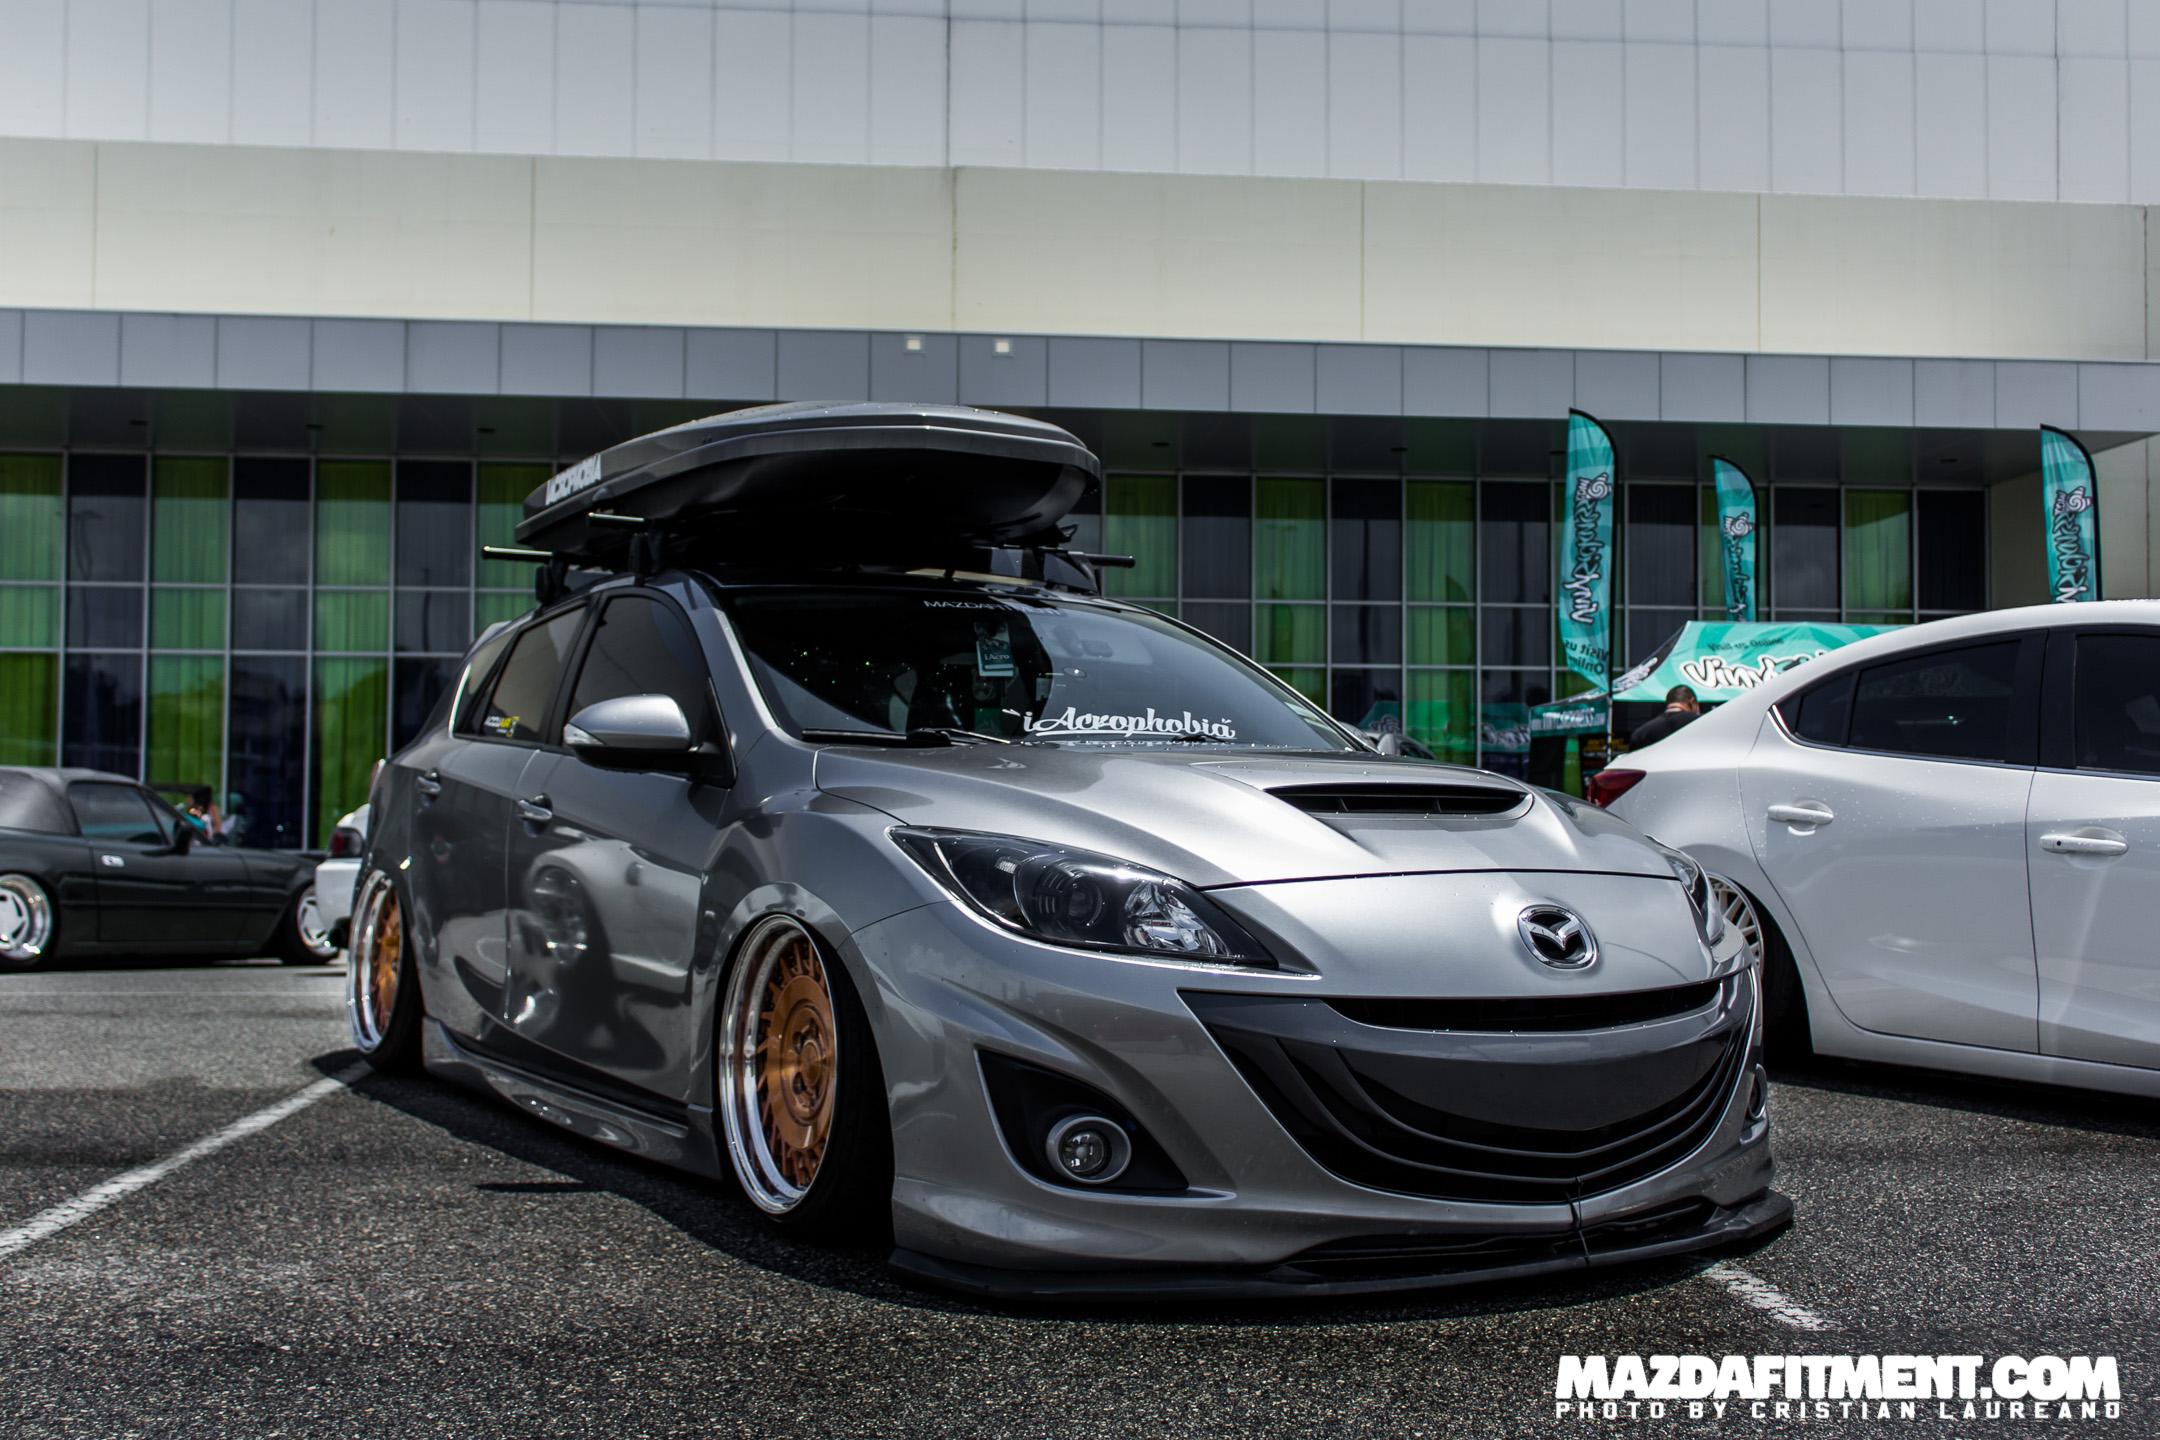 Tuner Evolution Daytona Beach Mazda Fitment